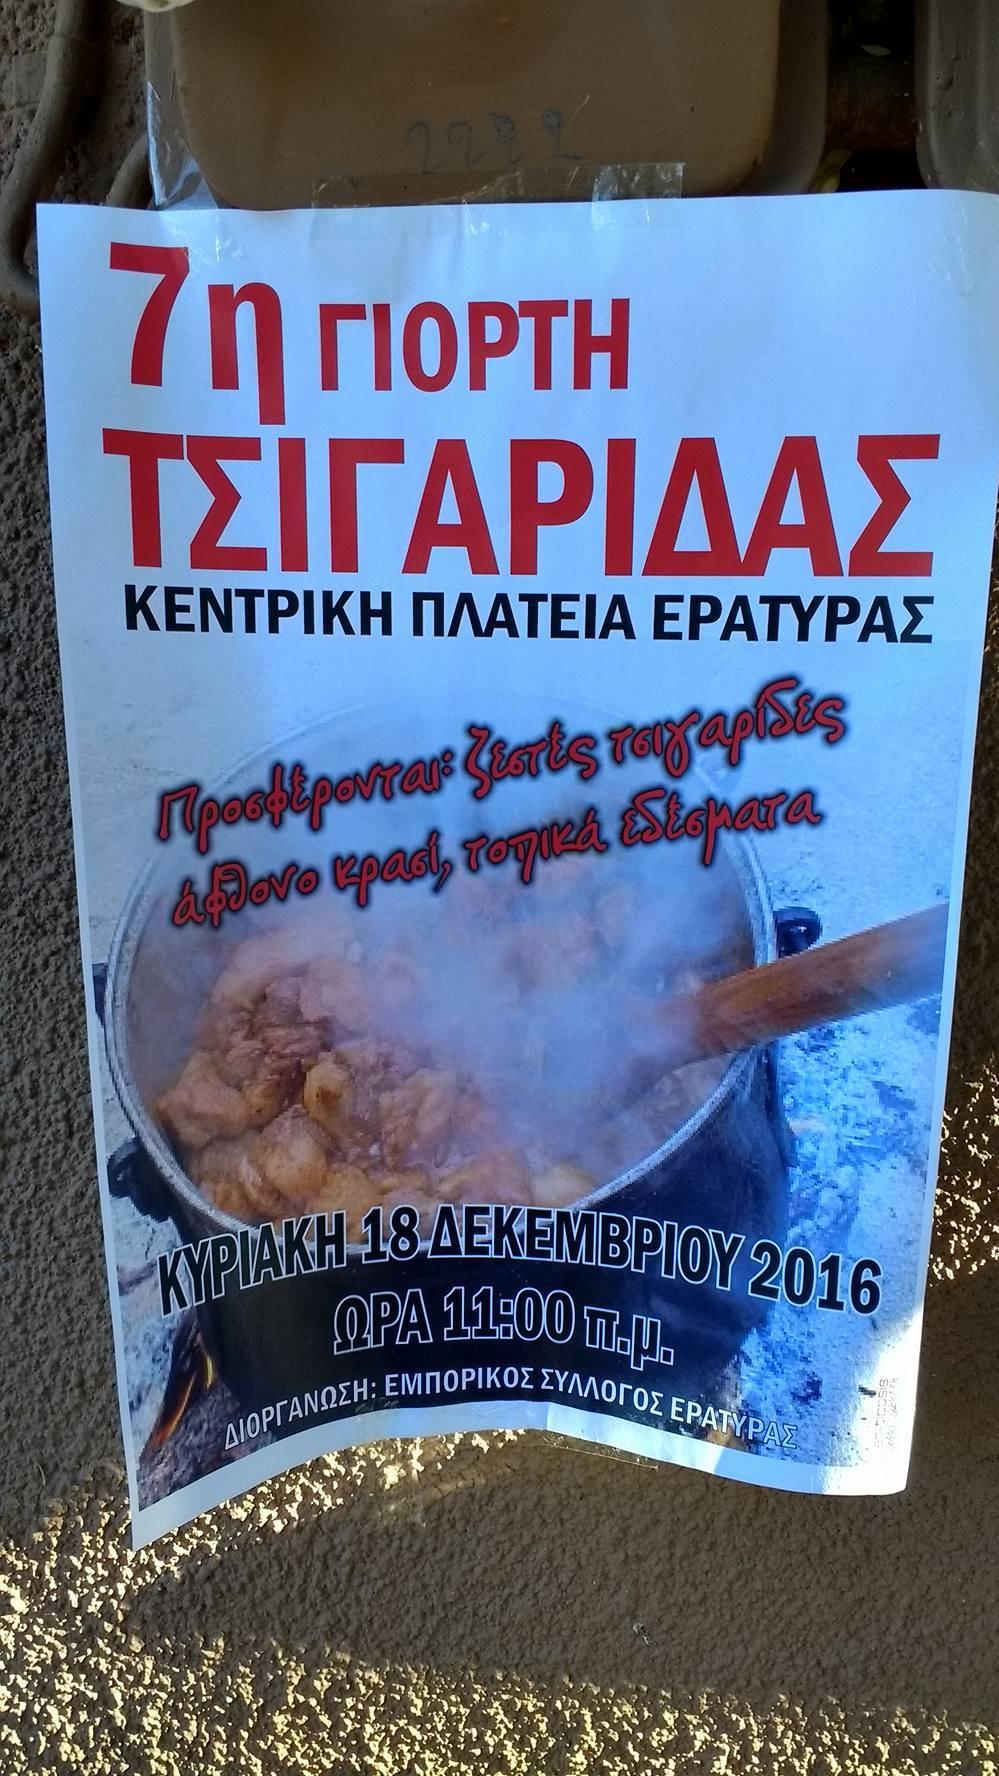 7η γιορτη Τσιγαρίδας στην Εράτυρα Βοΐου την Κυριακή 18 Δεκεμβρίου